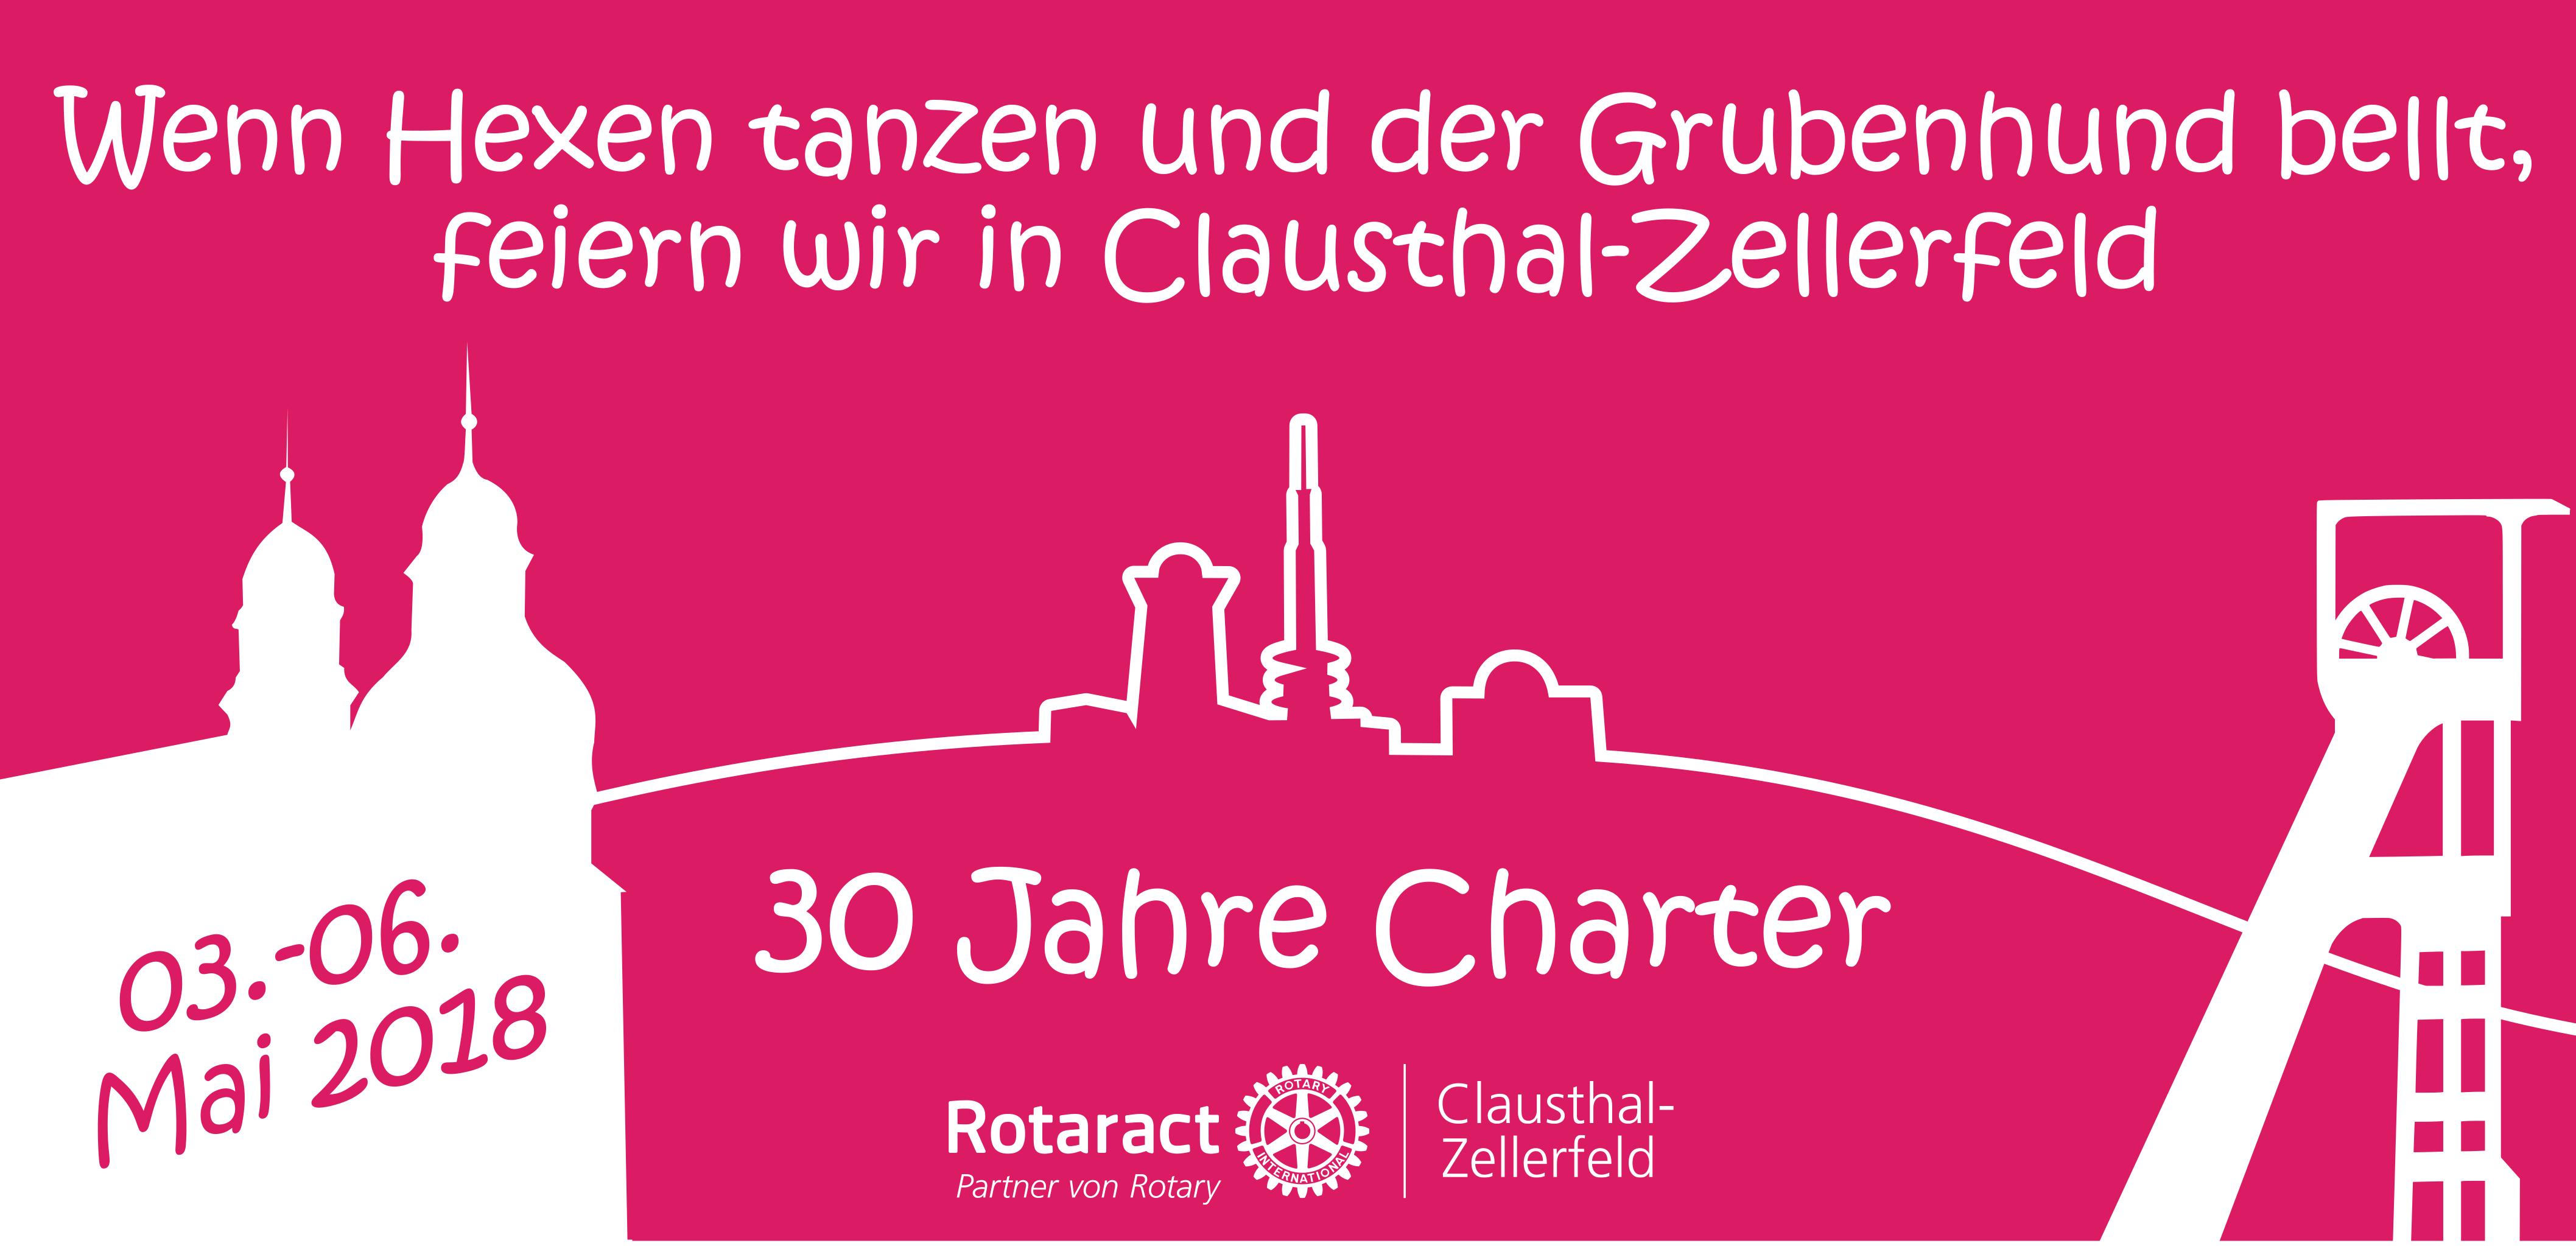 30 Jahre Charter